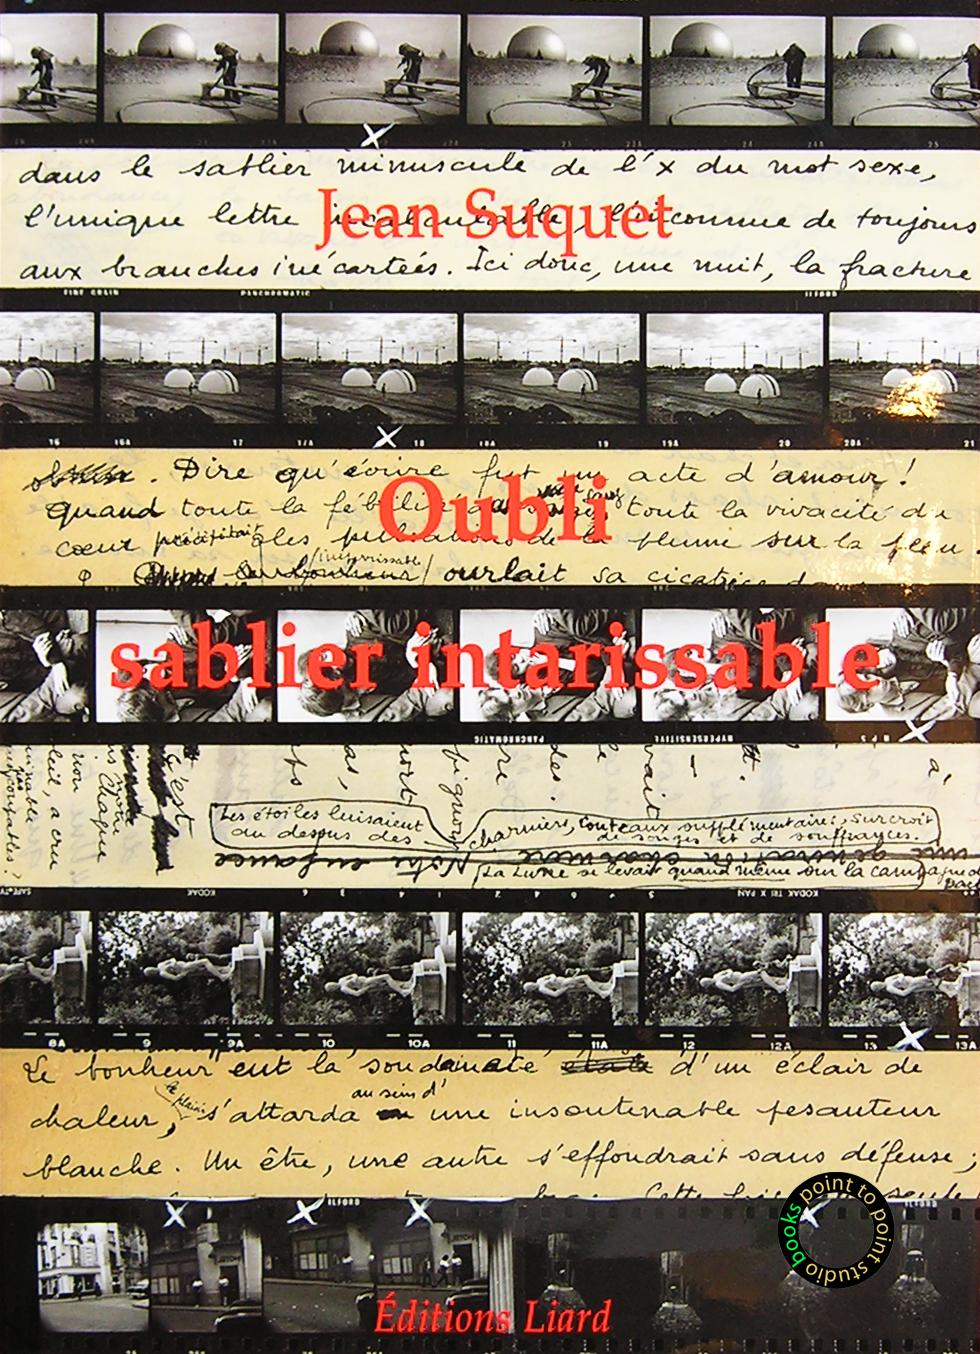 Livre-Oubli-sablier-Intarissable-Jean-Suquet-Sabrier